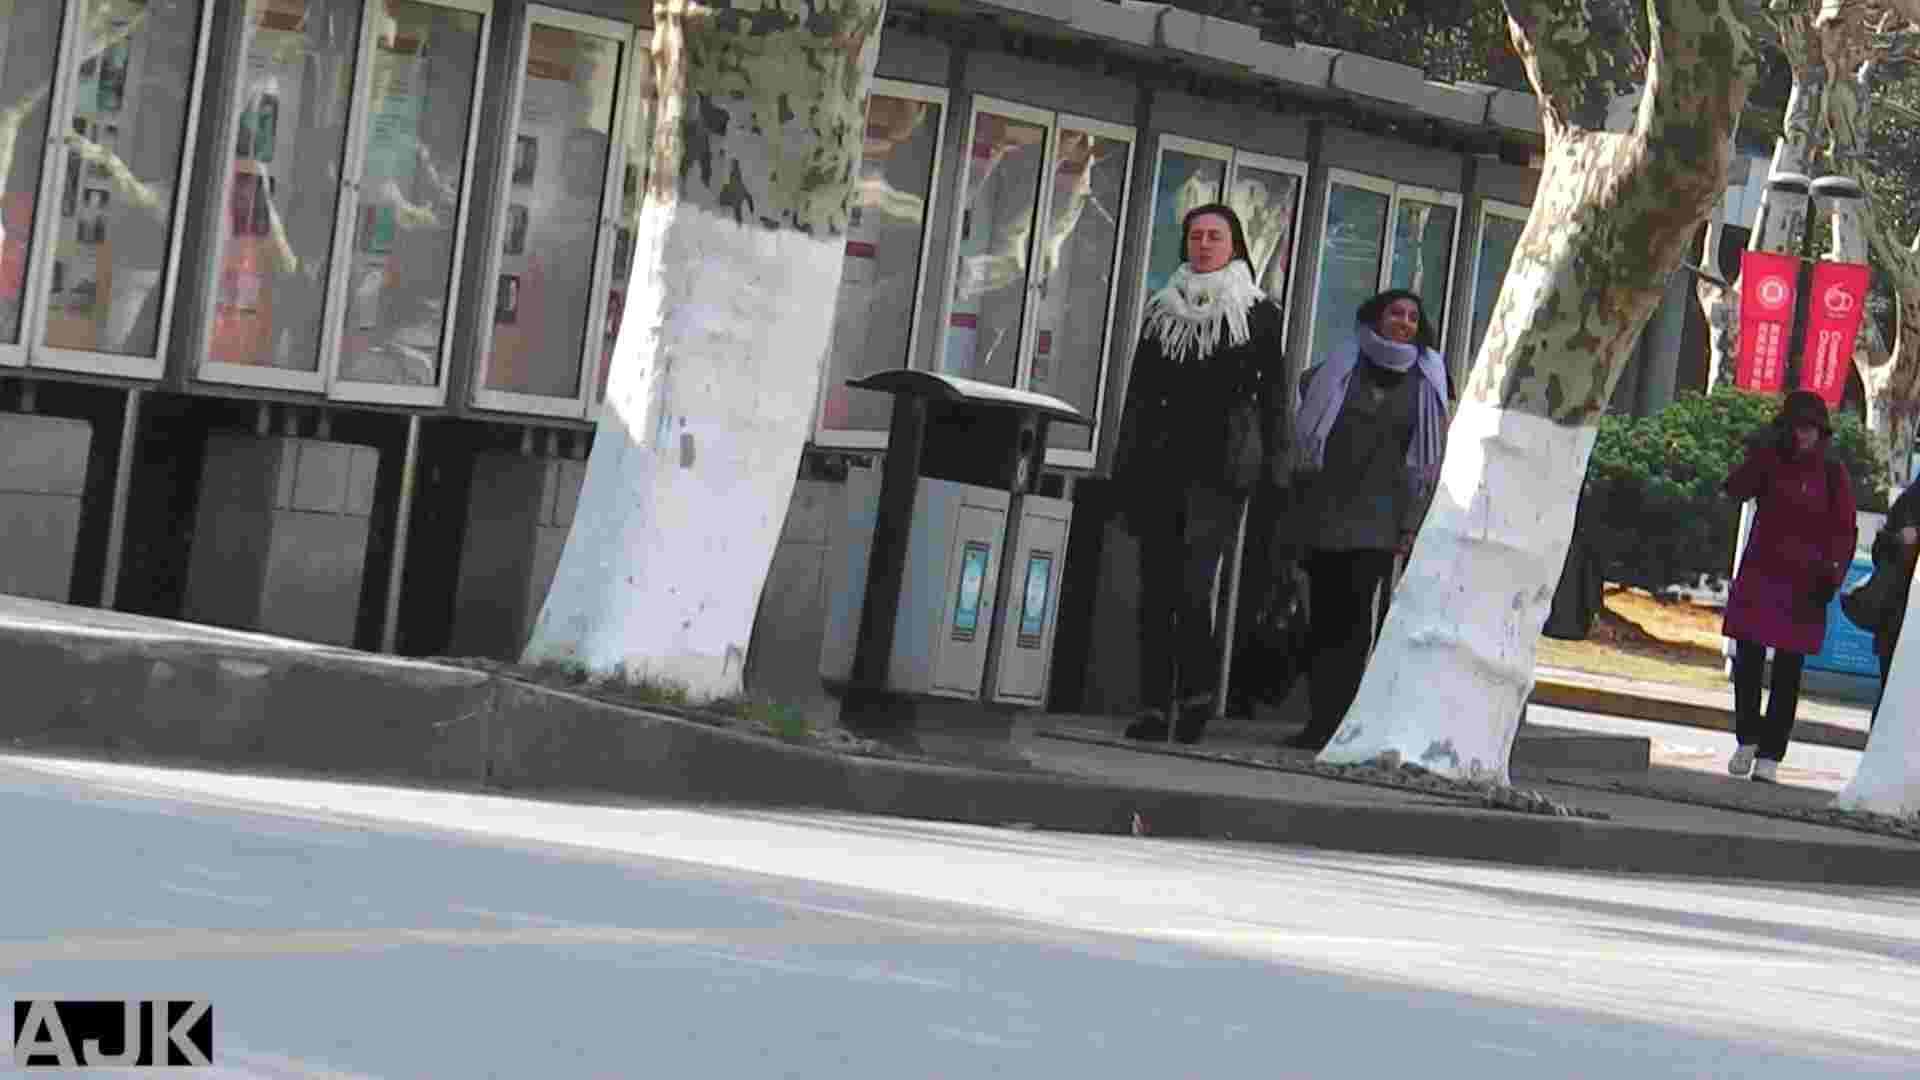 隣国上階級エリアの令嬢たちが集うデパートお手洗い Vol.03 おまんこ  104PIX 89